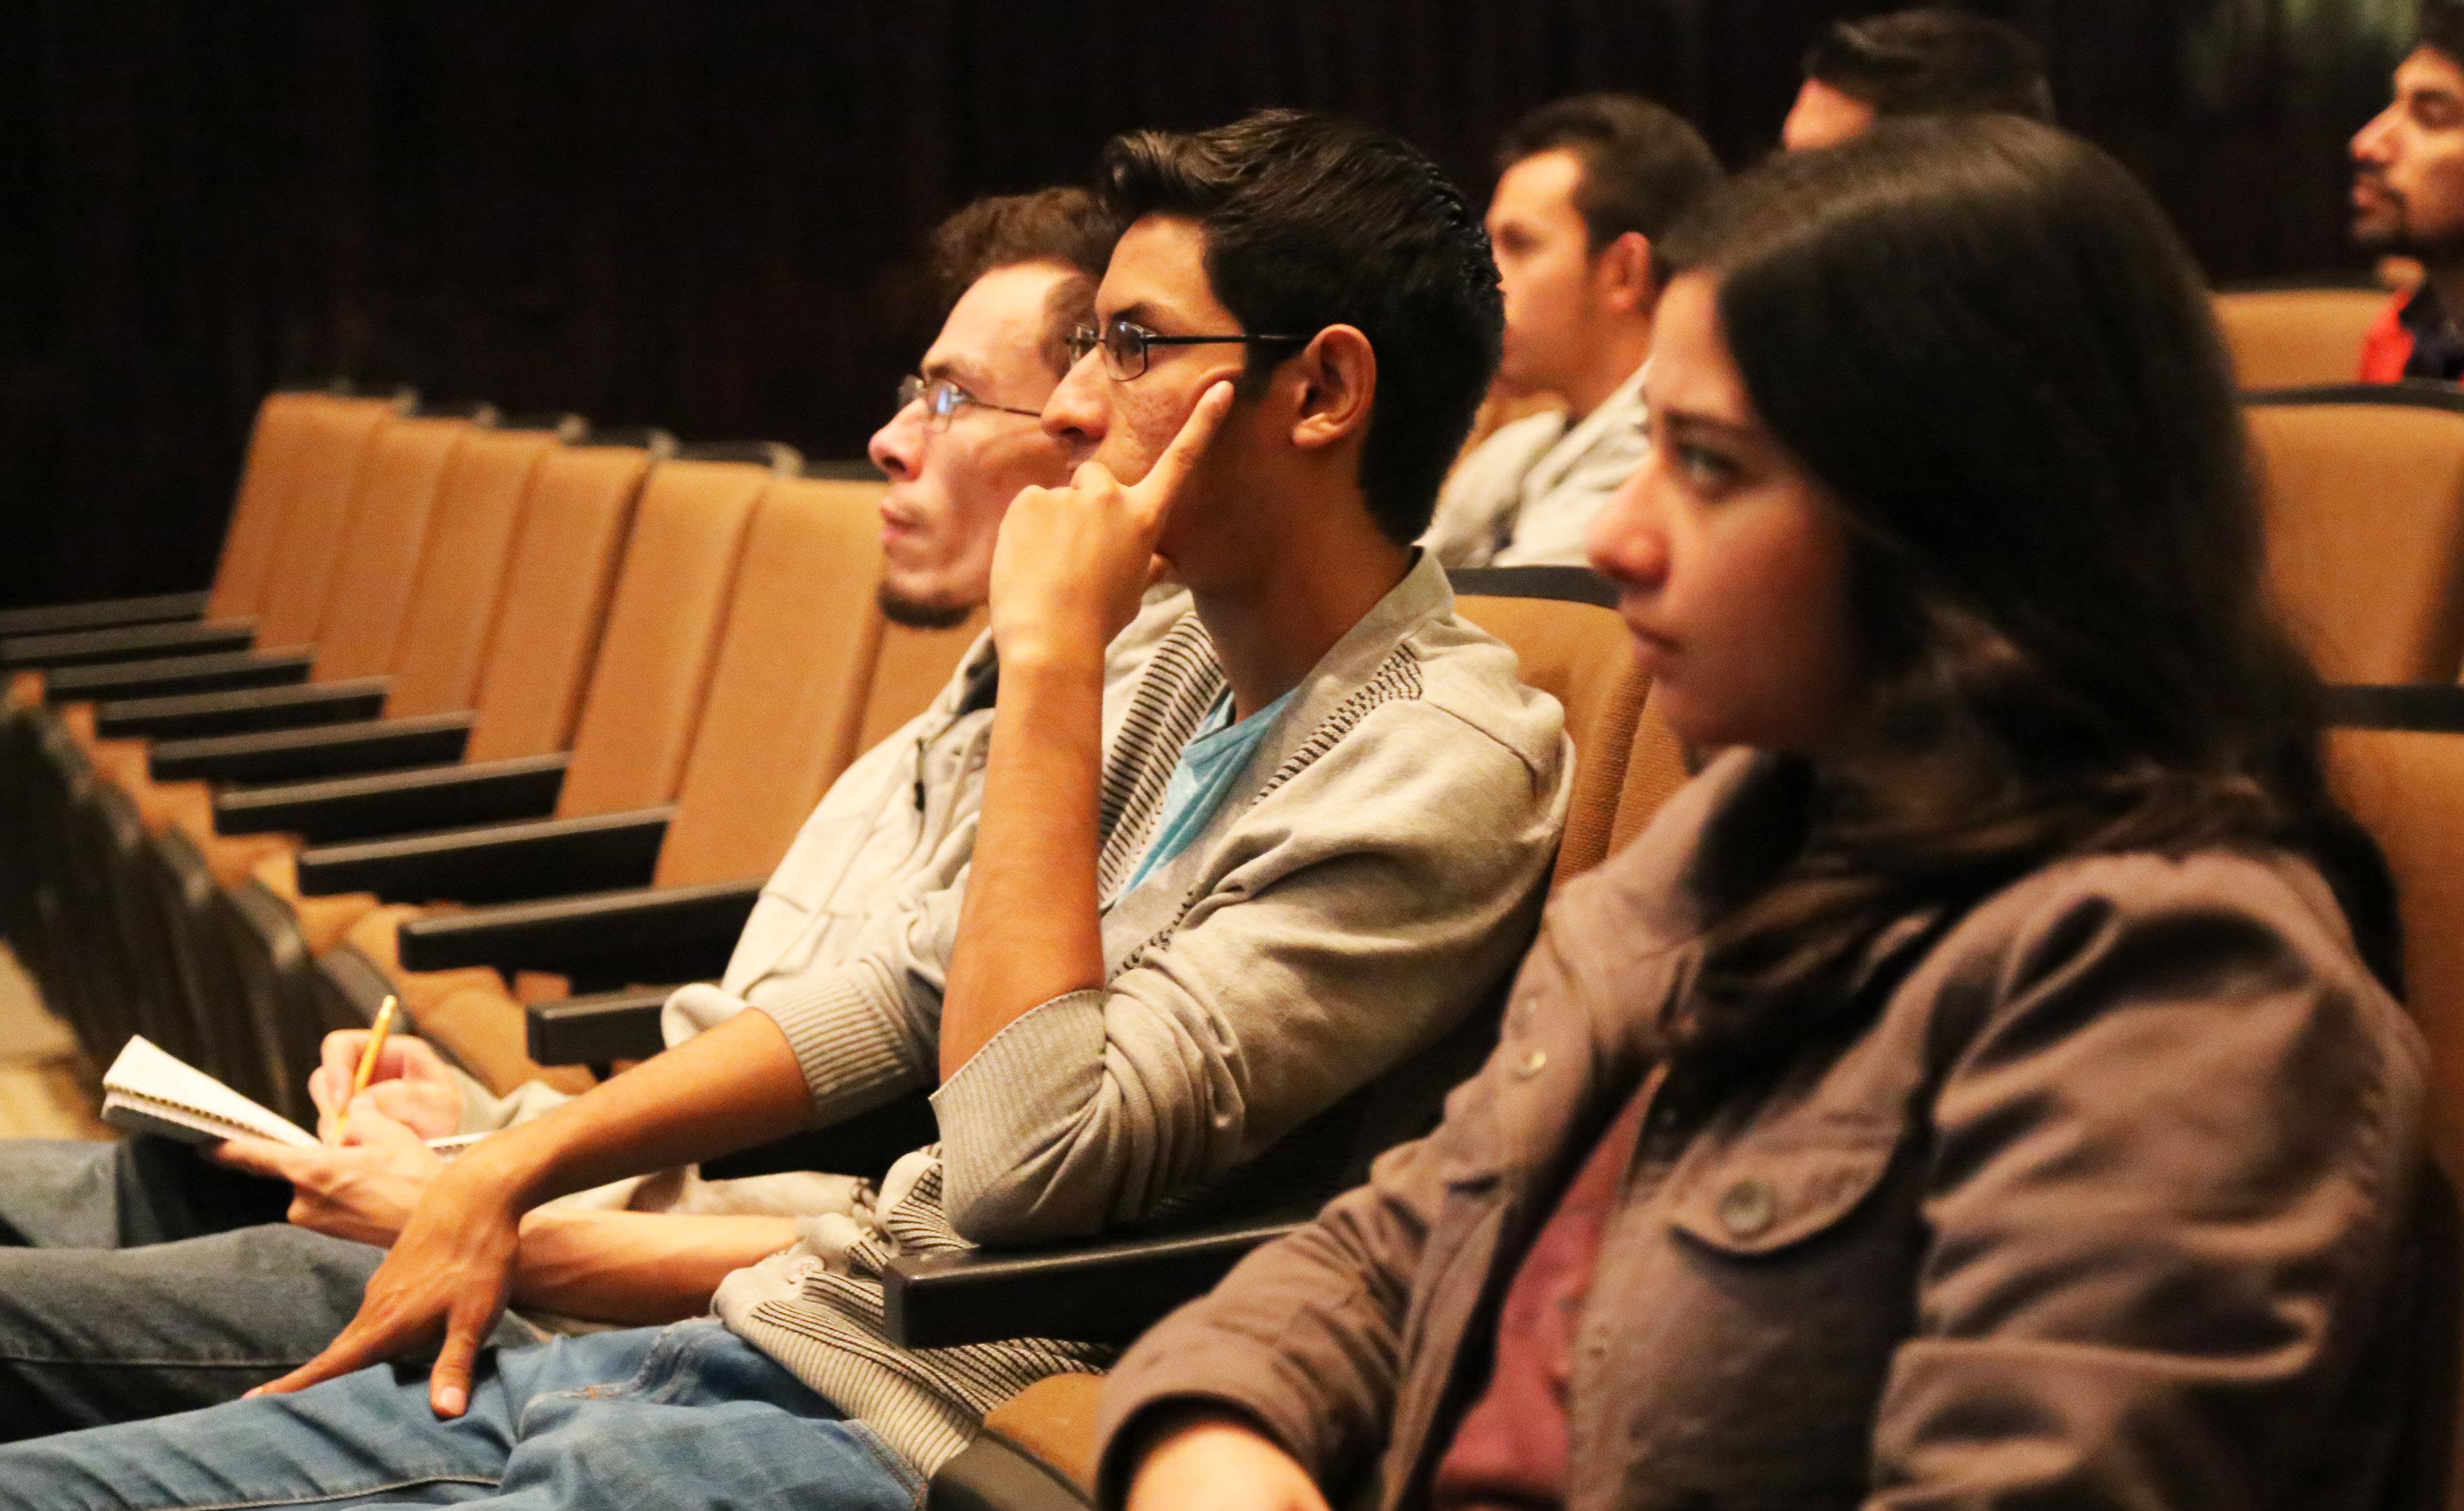 Estudiantes asistentes a la charla de astrofísica,con el profesor Eduardo de la fuente Acosta, investigador del Departamento de Física del Centro Universitario de Ciencias Exactas e Ingenierías.